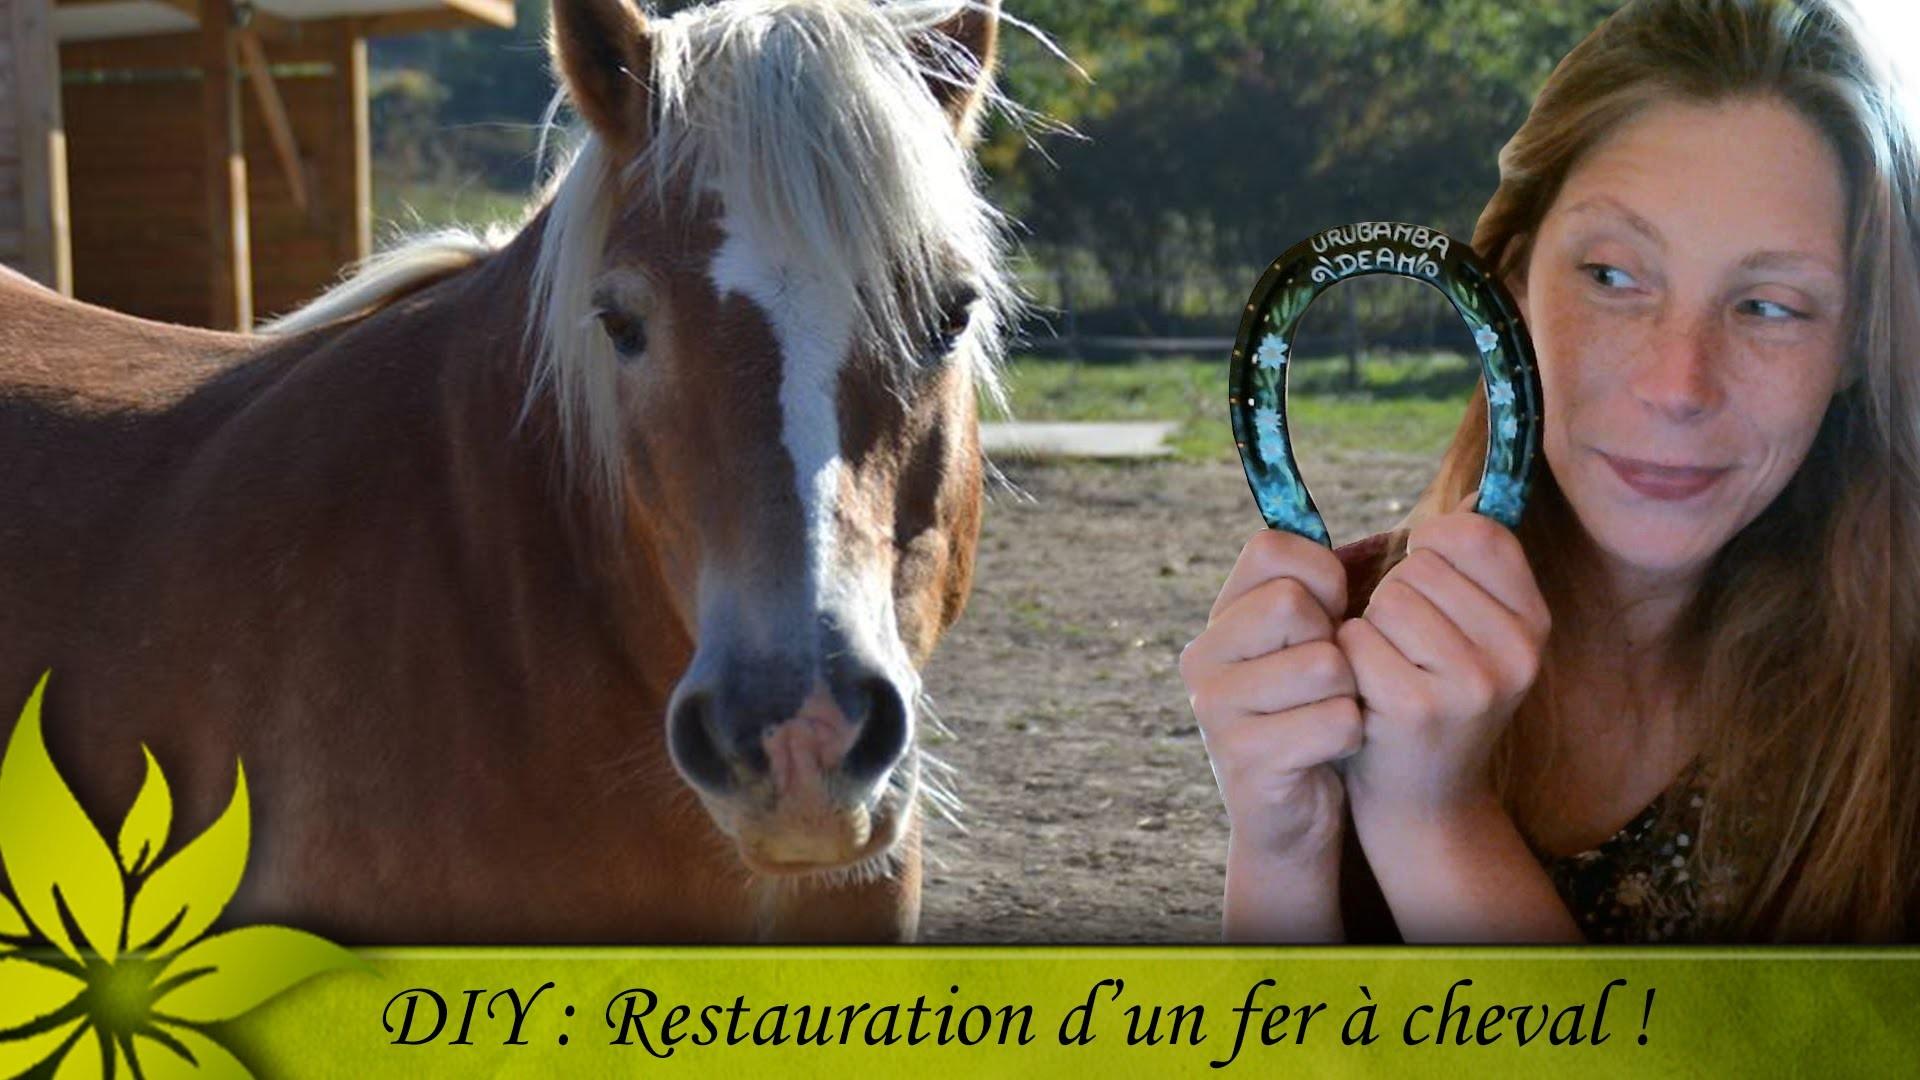 [DIY] Décoration d'un fer à cheval